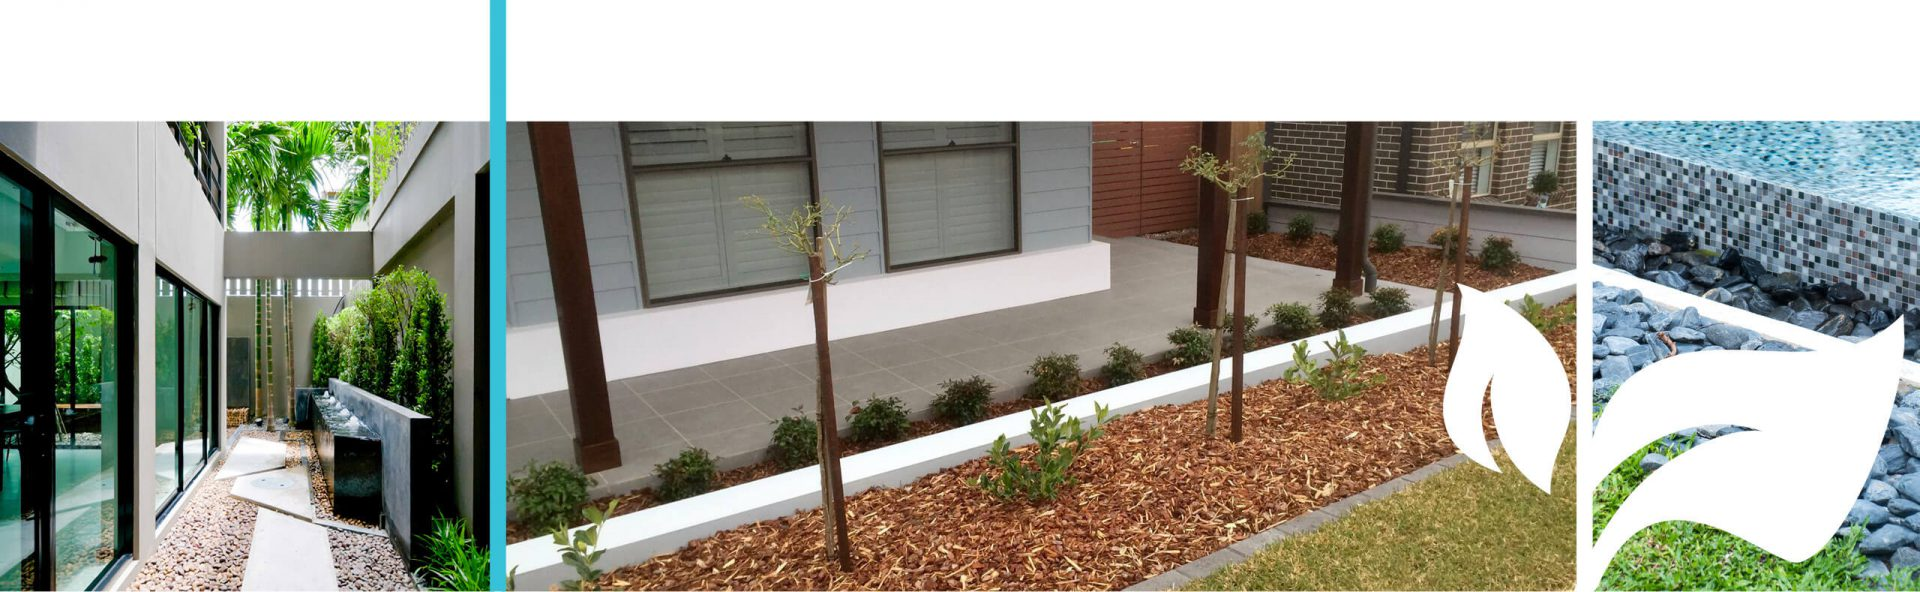 Transforming outdoor areas